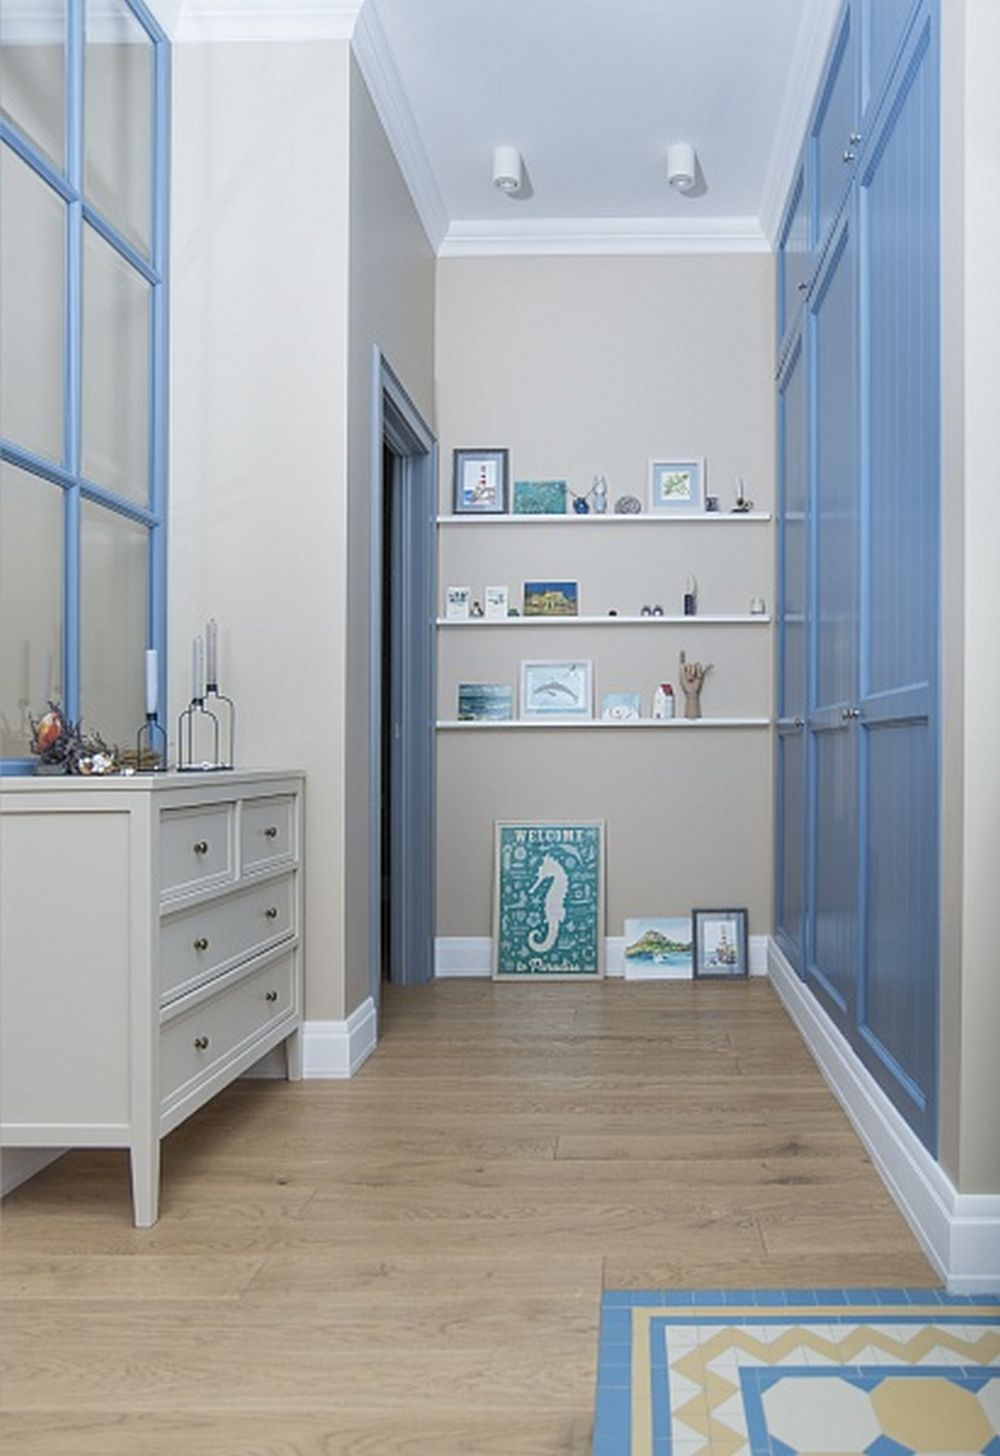 adelaparvu.com despre apartament 2 camere, 72 mp, Rusia, design Zi Design (14)